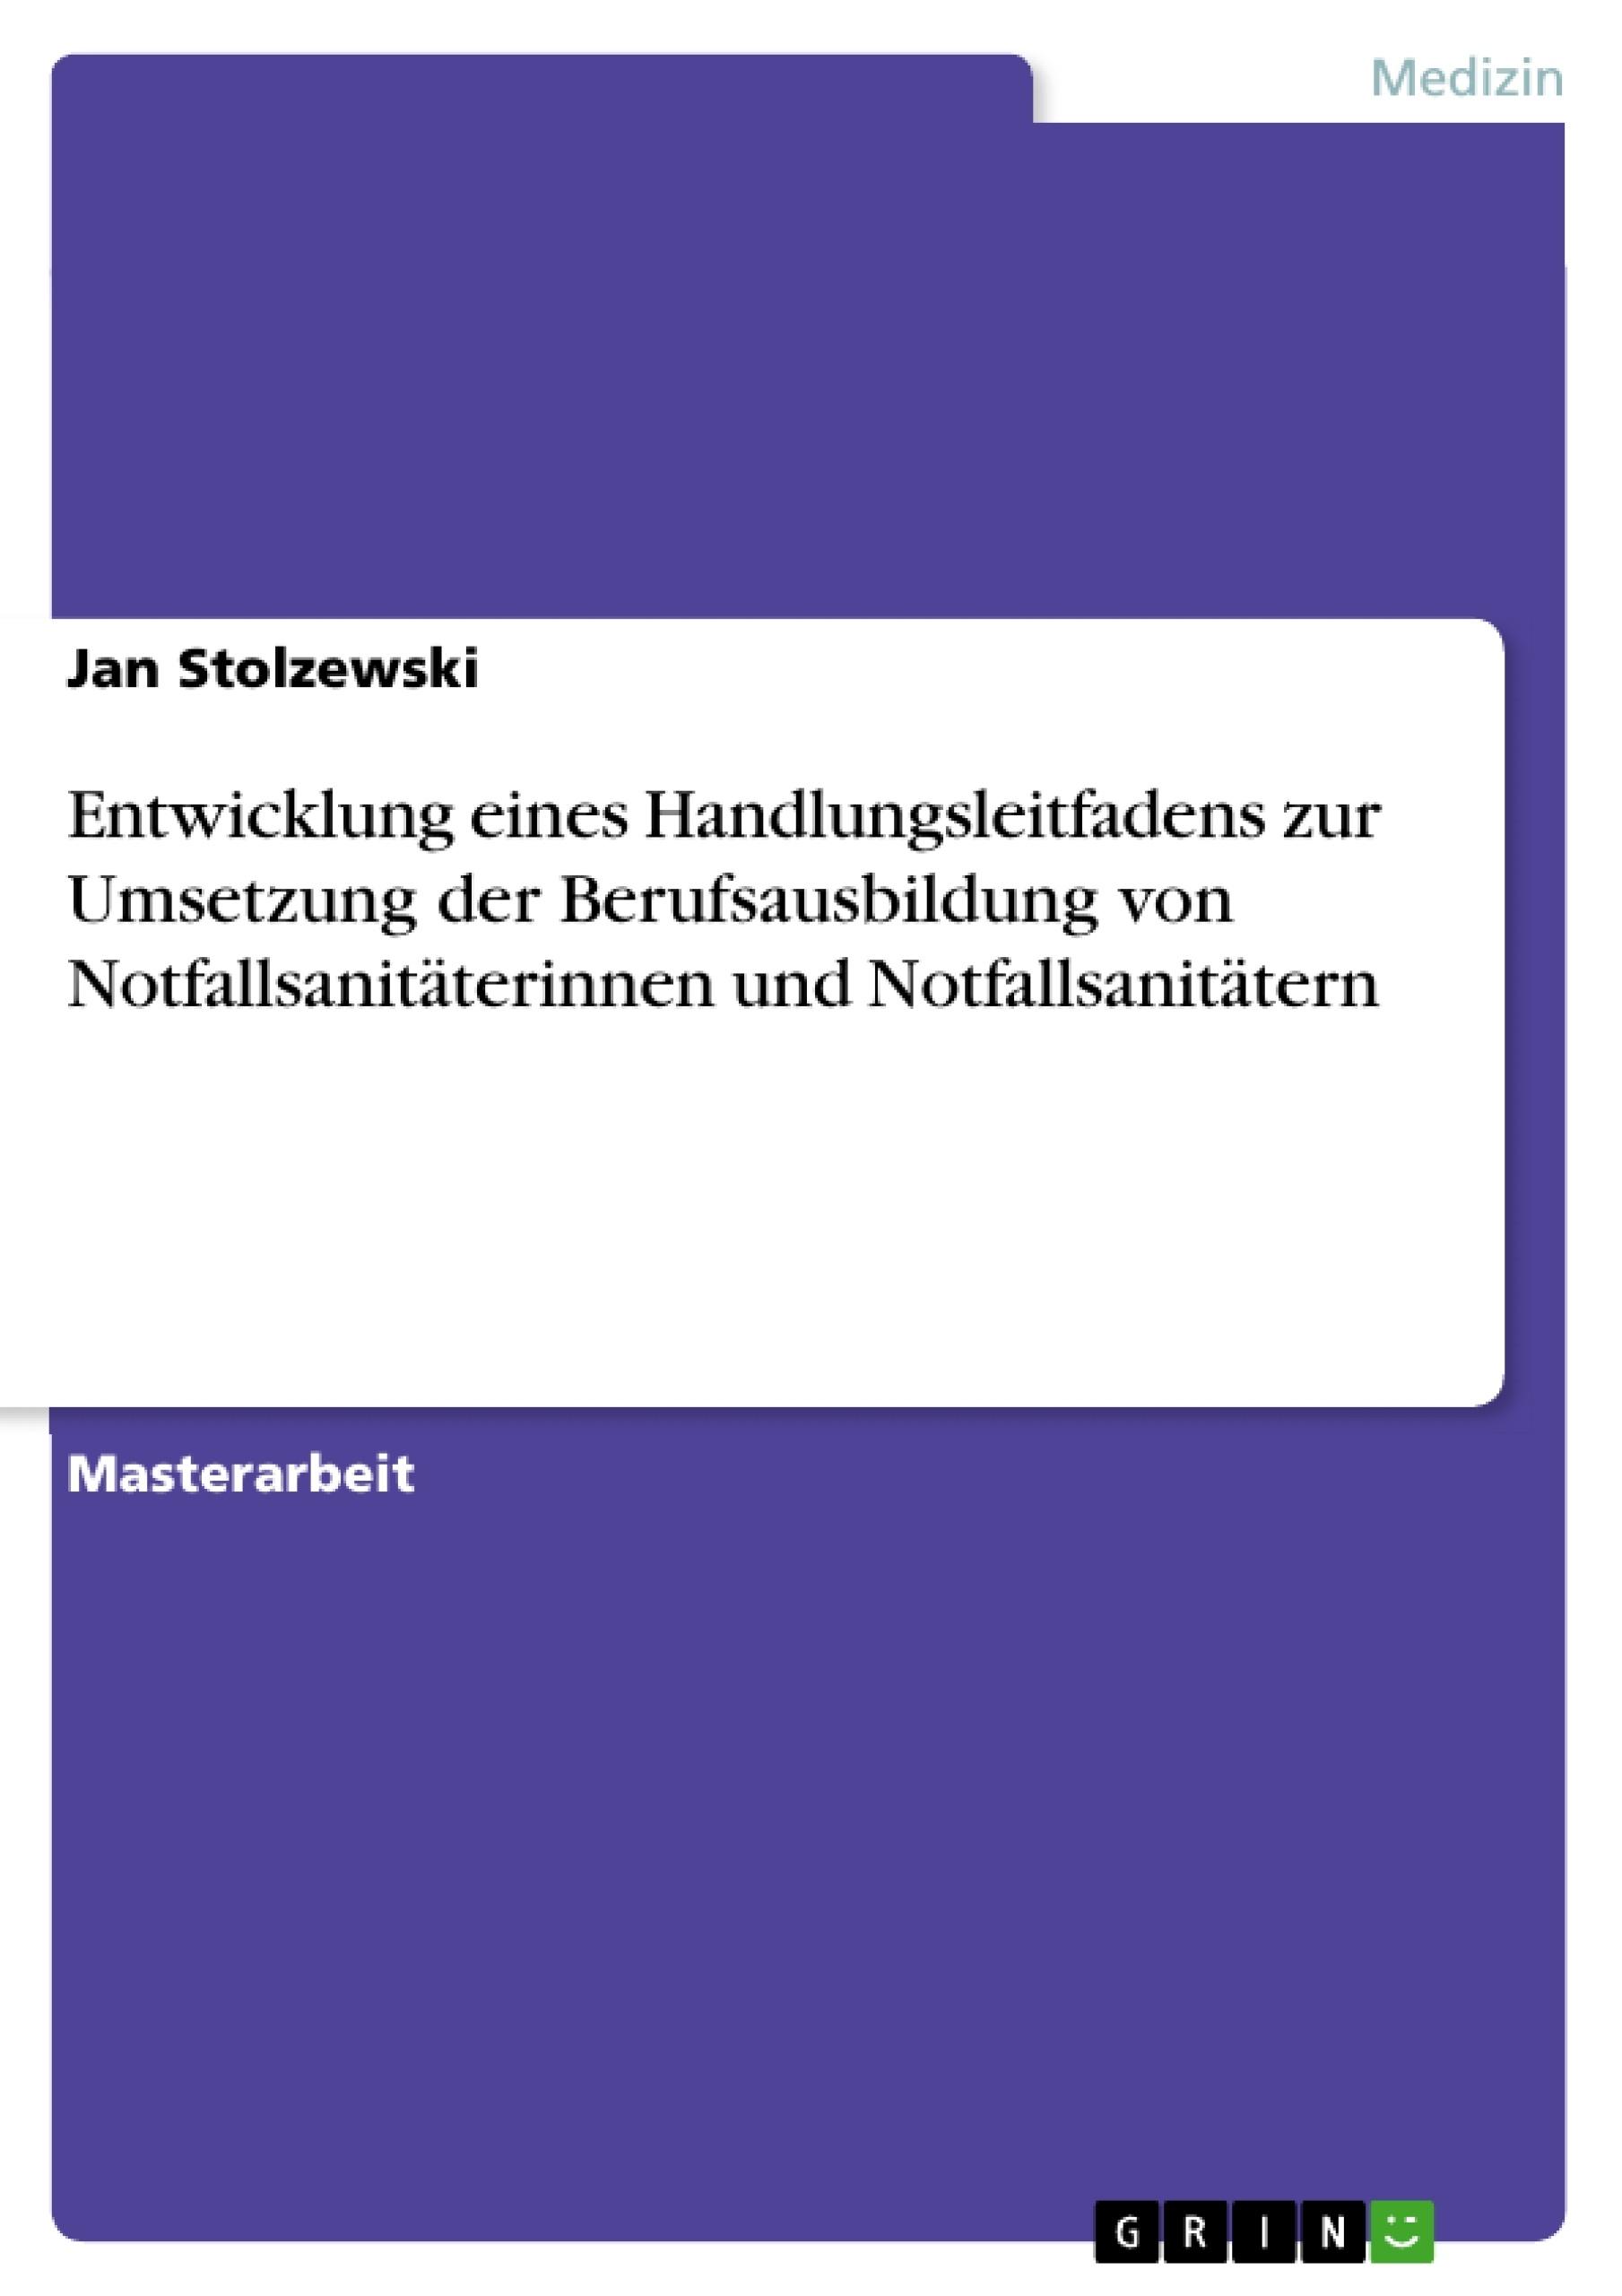 Titel: Entwicklung eines Handlungsleitfadens zur Umsetzung der Berufsausbildung von Notfallsanitäterinnen und Notfallsanitätern